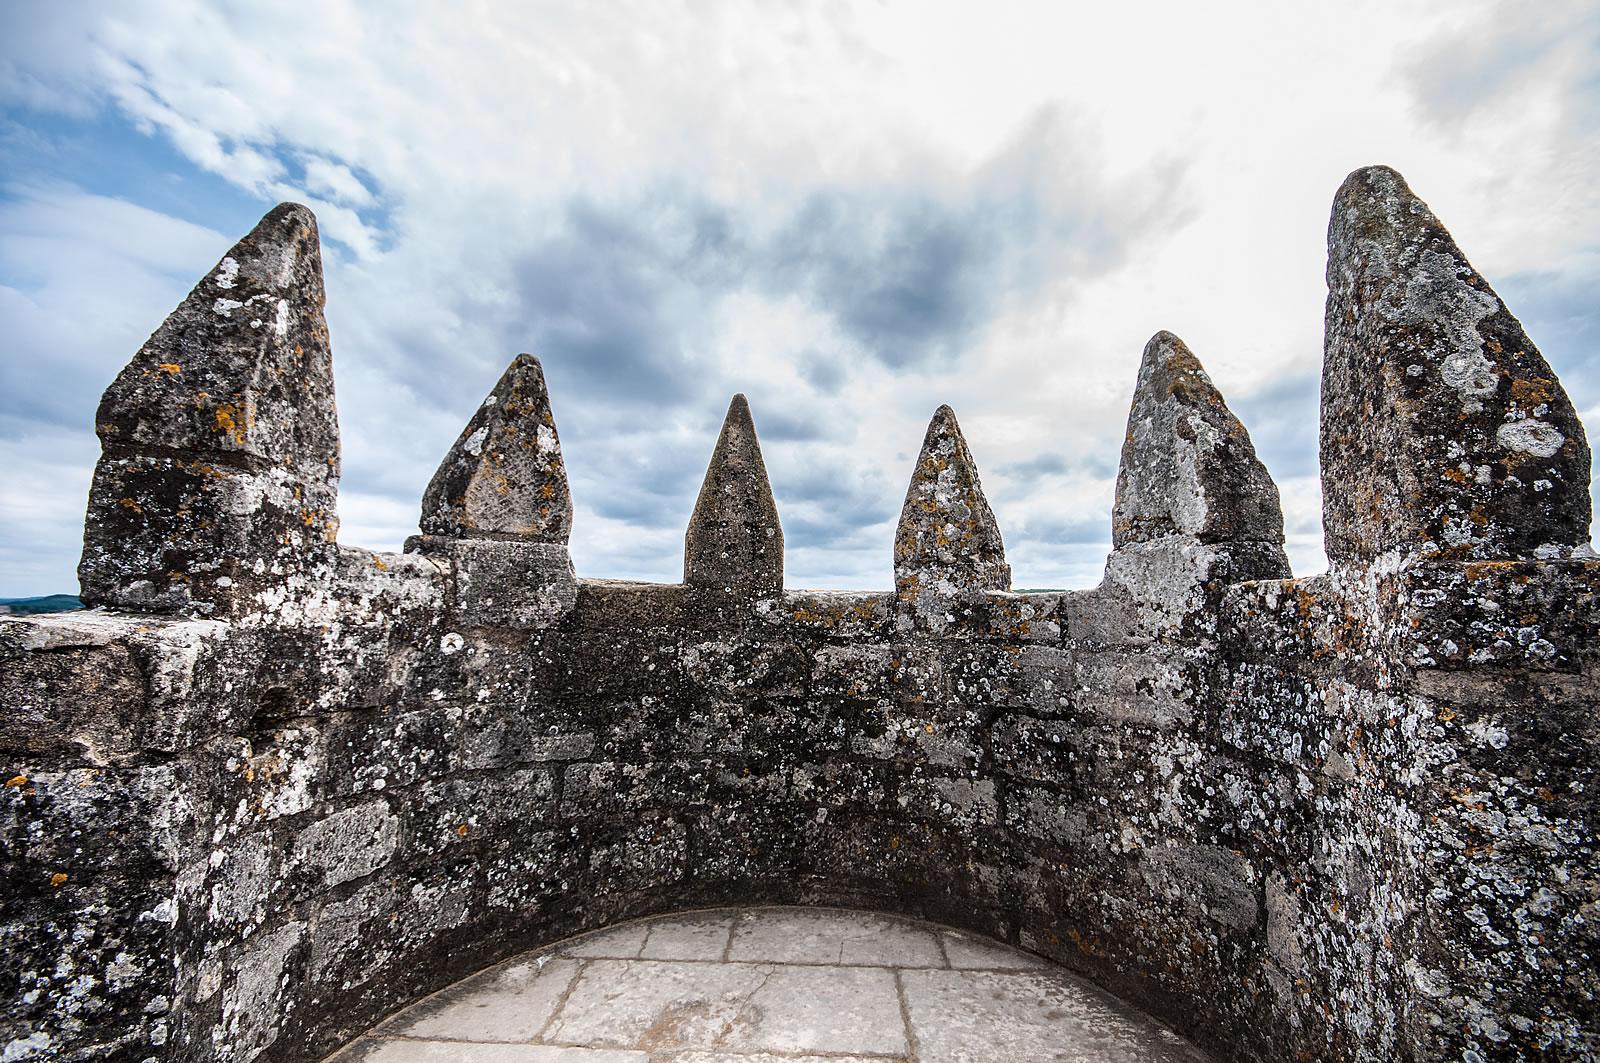 Chateau de Beynac - Dordogne